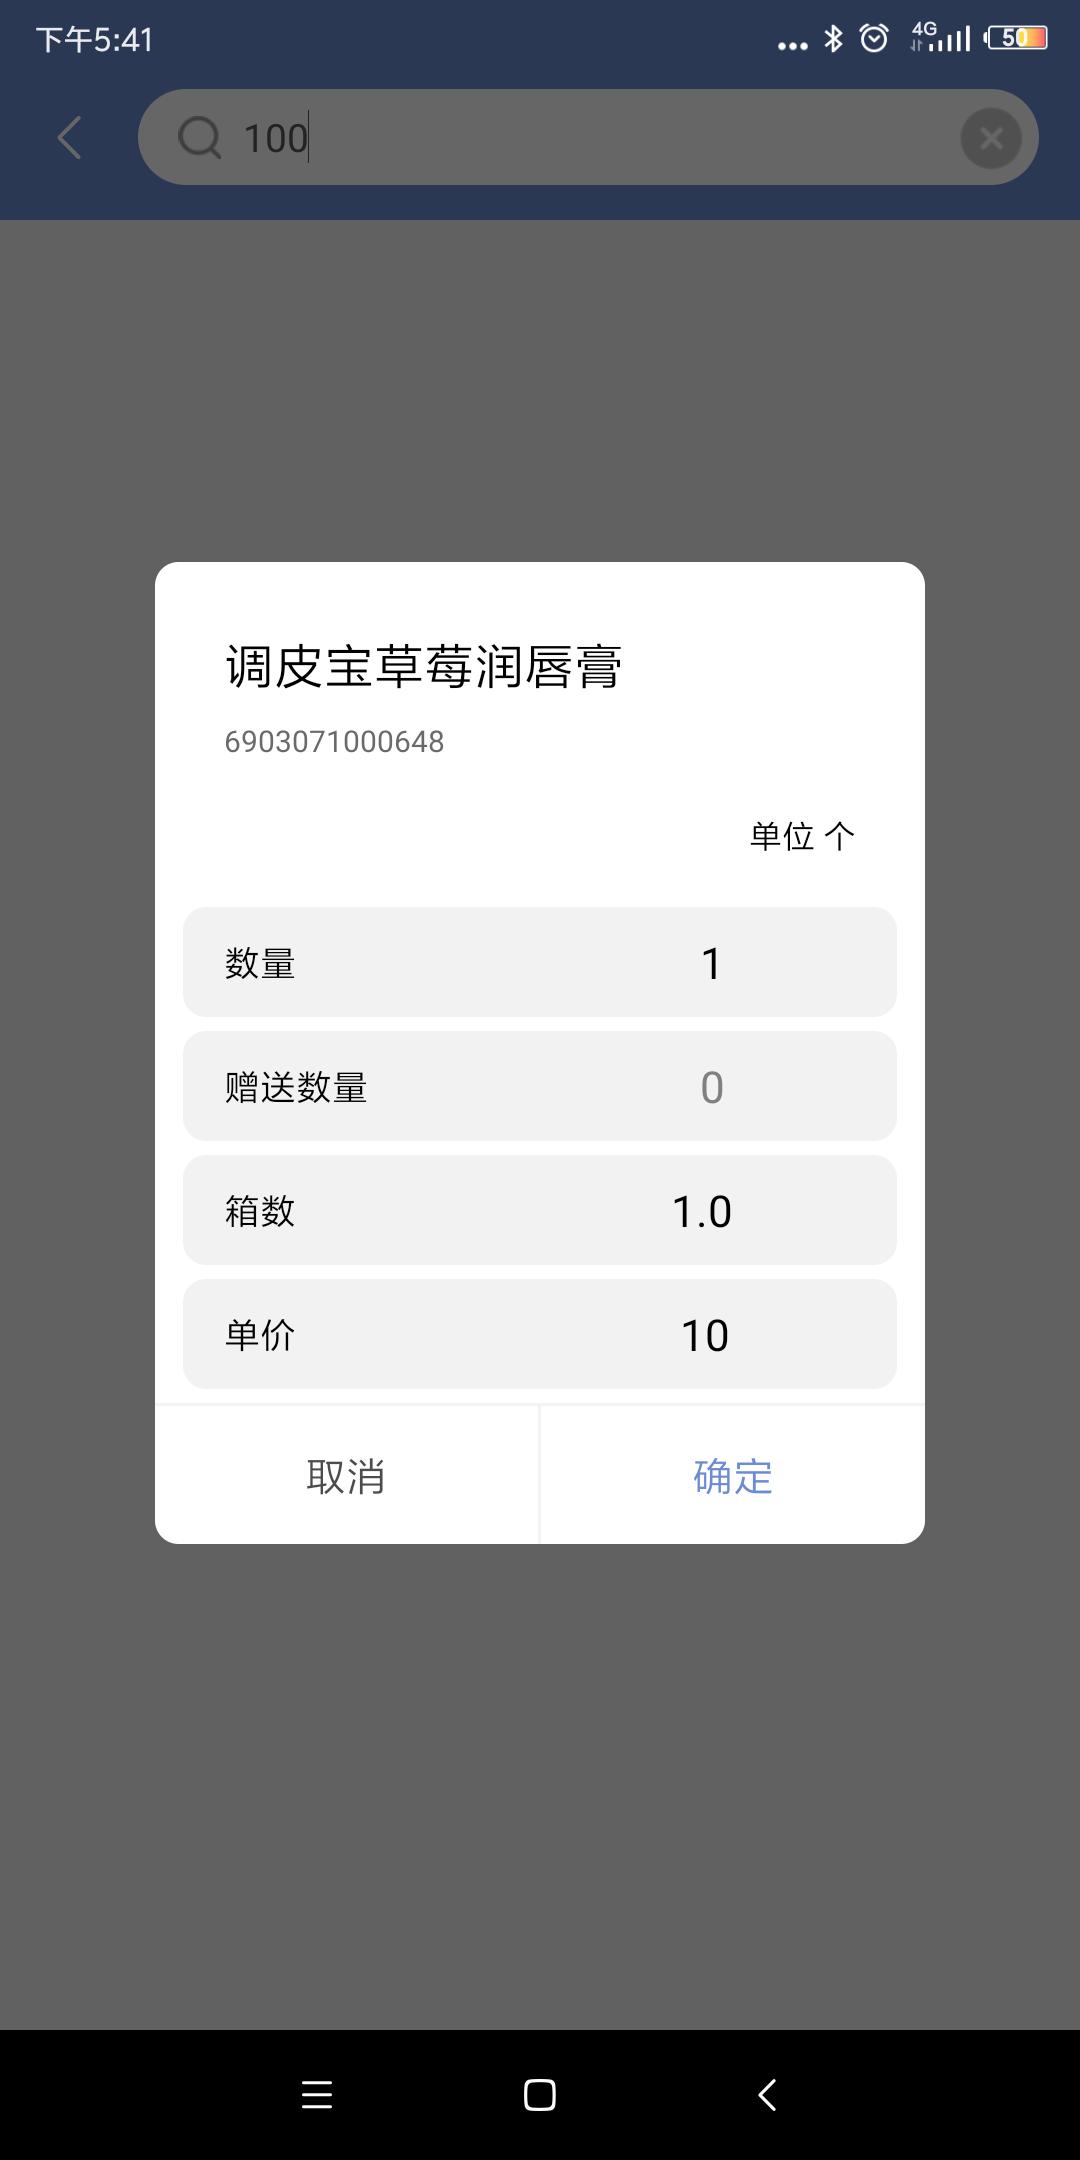 手机收银系统10